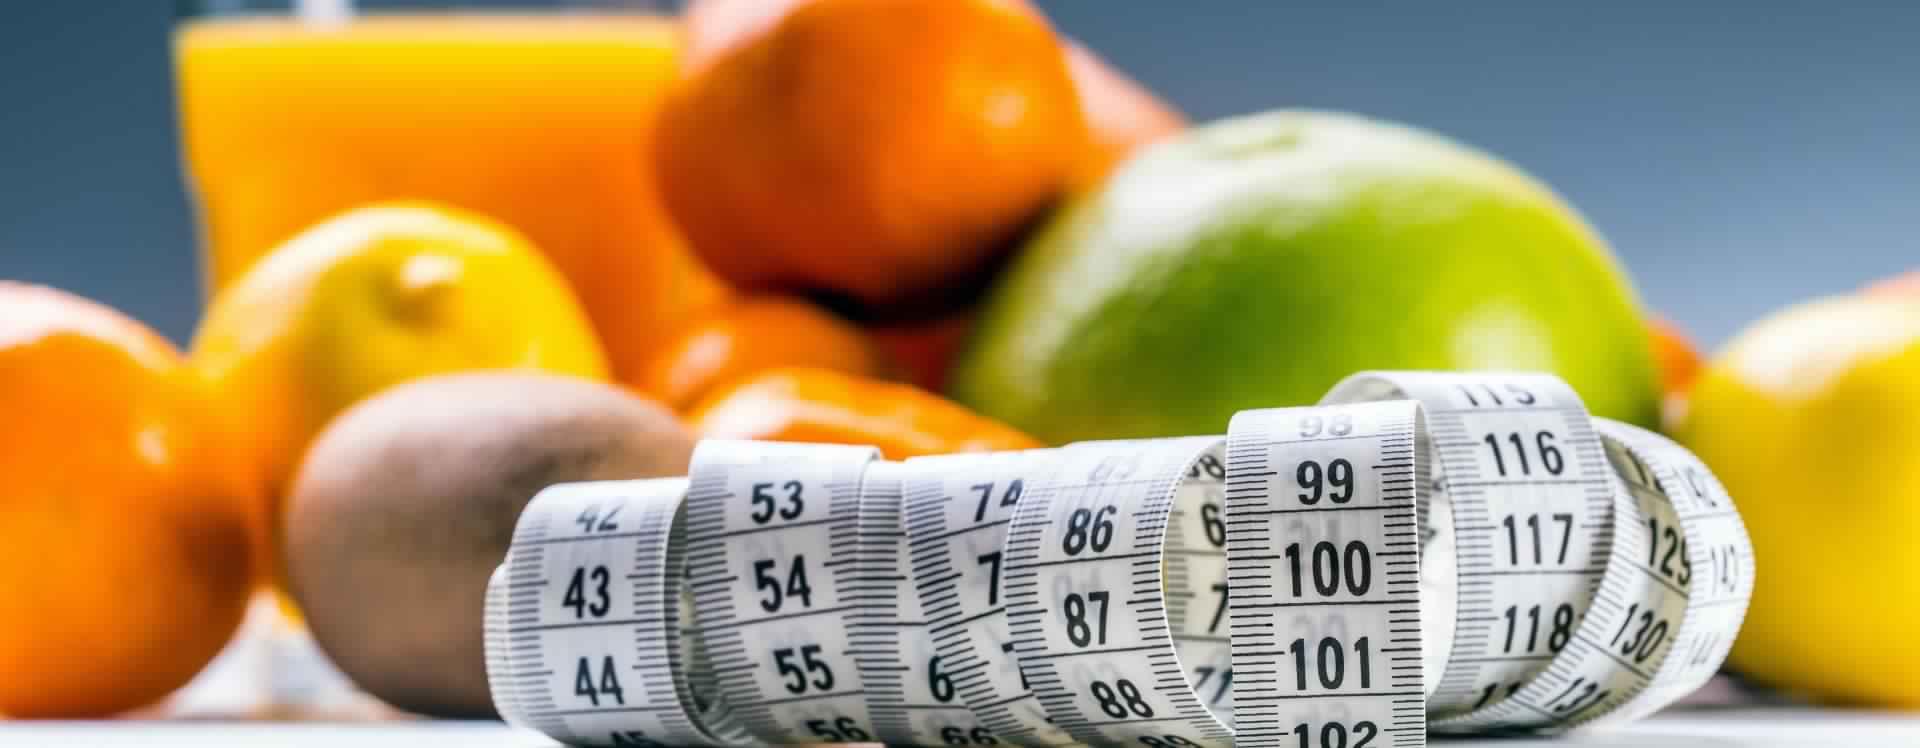 Photo of أفضل الأطعمة الصحية في فصل الشتاء لتقليل الوزن , رجيم فصل الشتاء مجرب